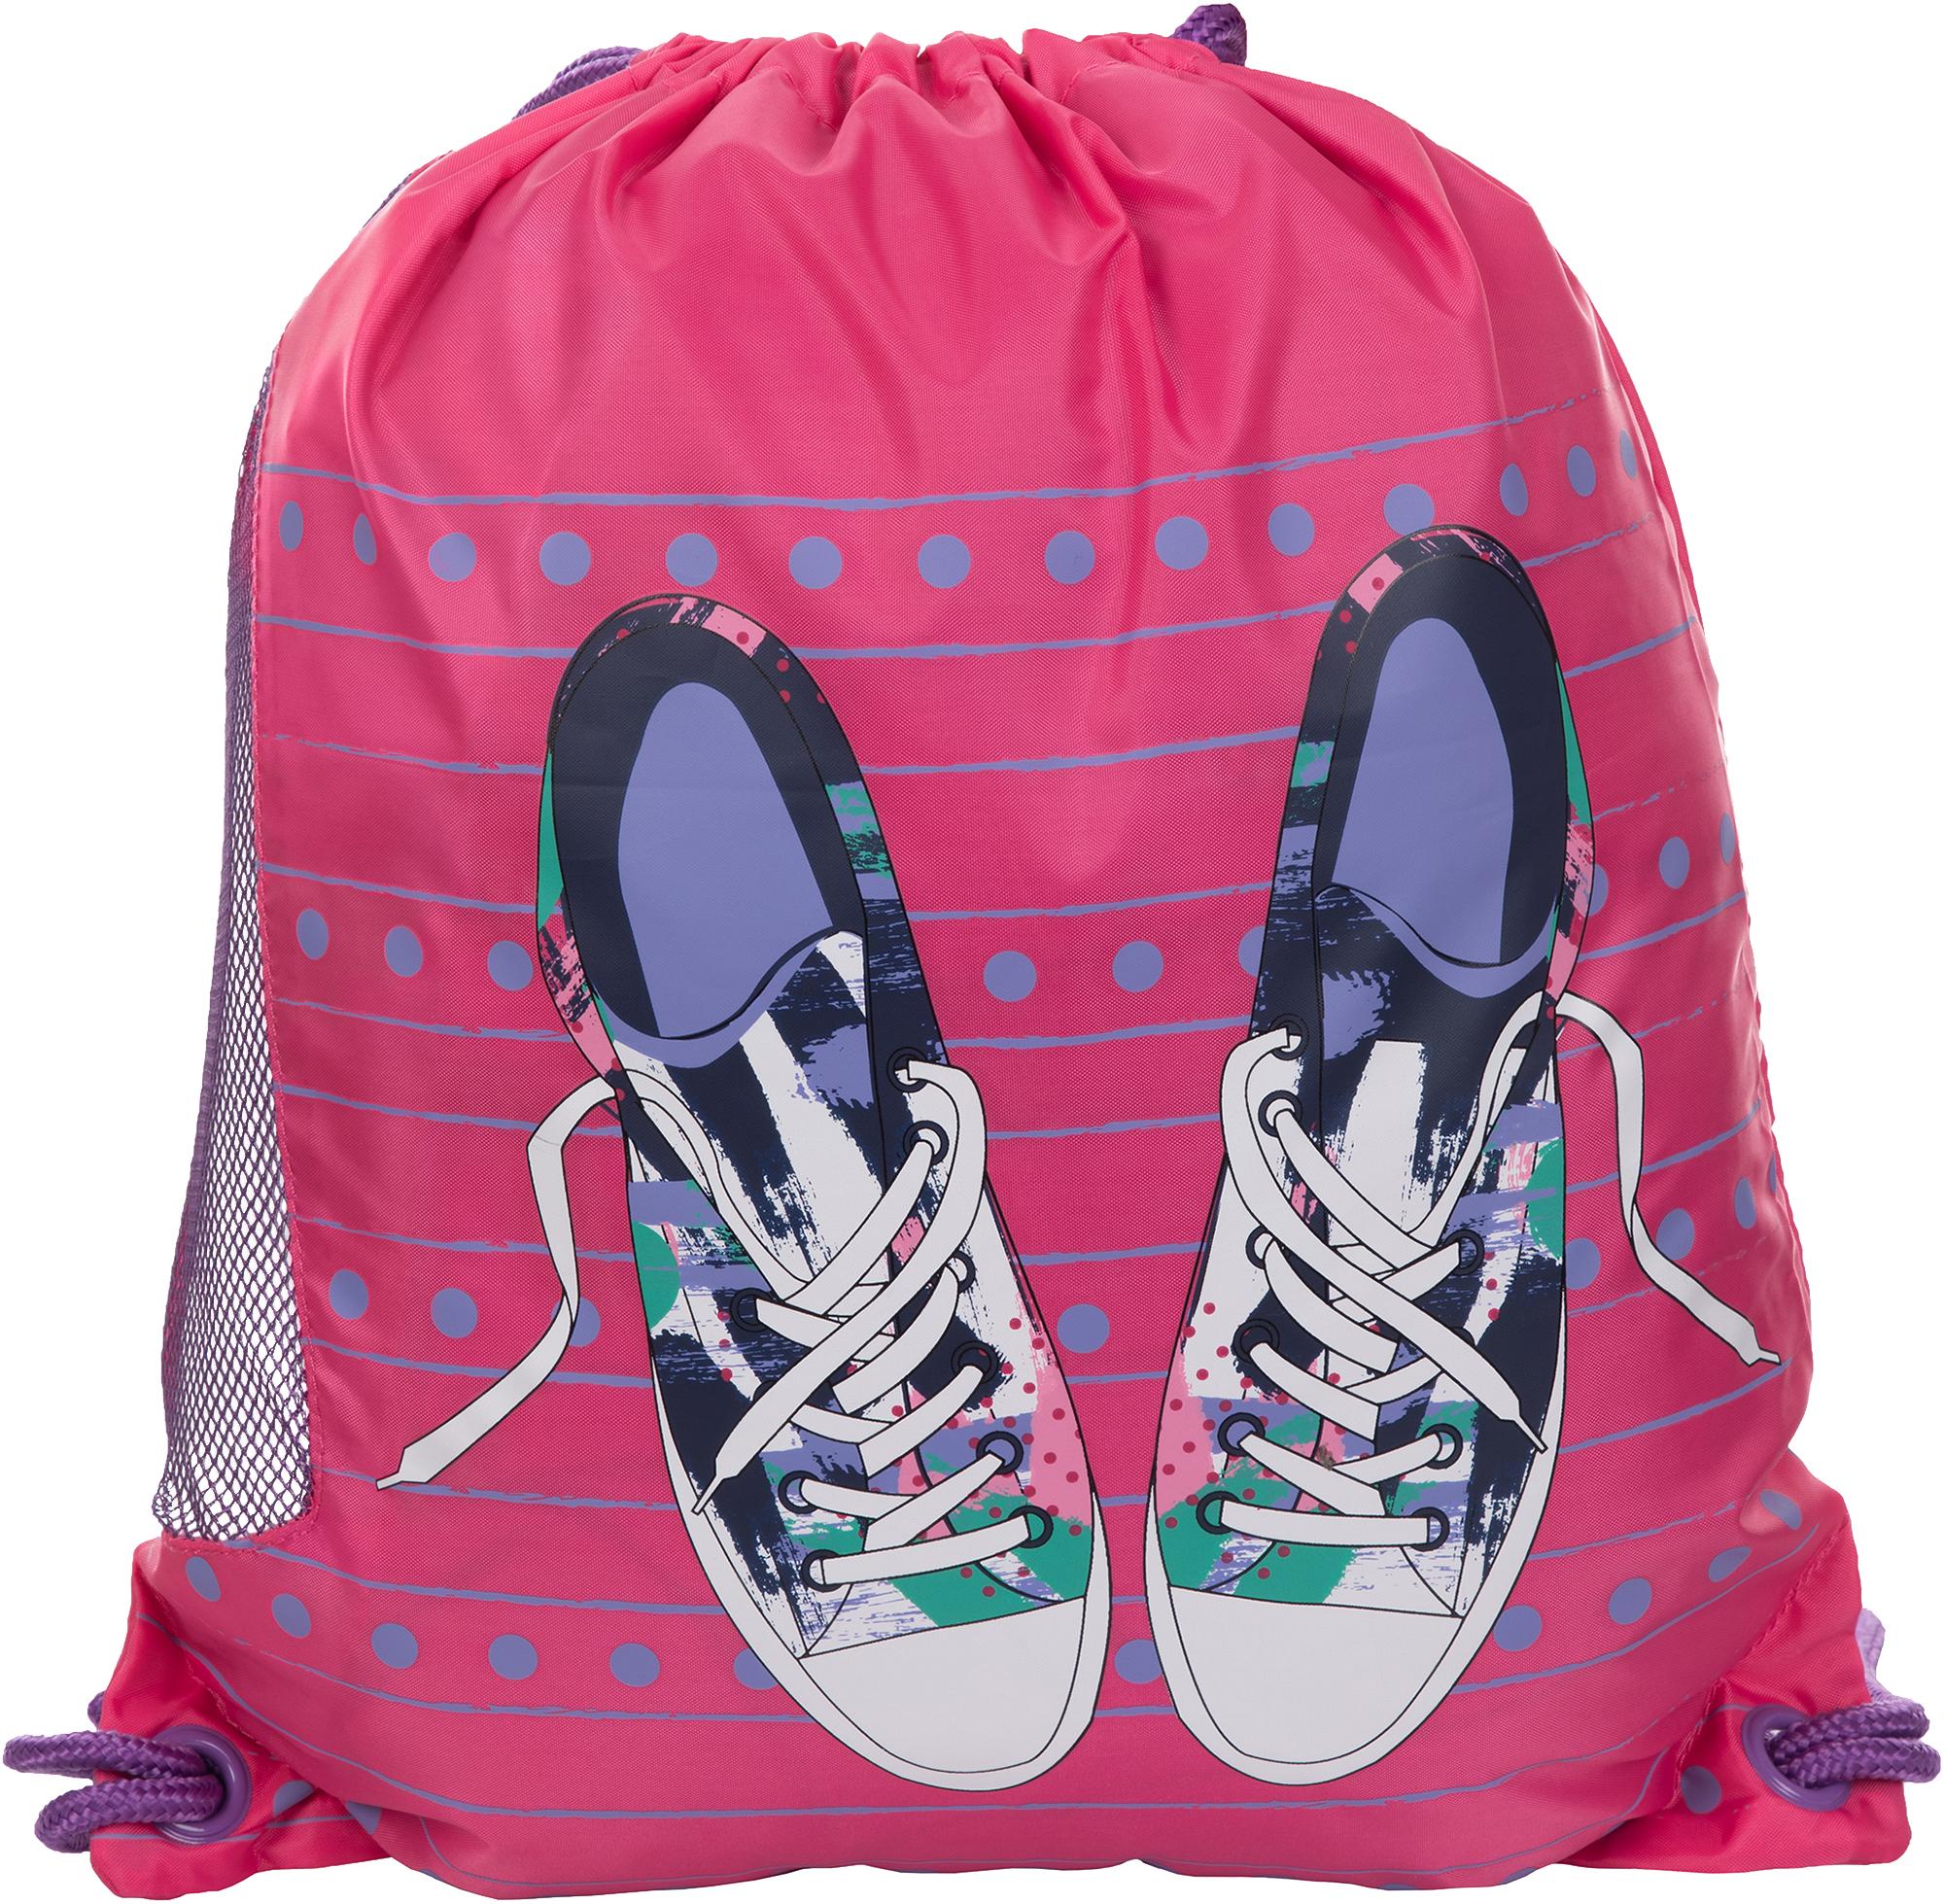 цены Demix Мешок для обуви для девочек Demix, размер Без размера